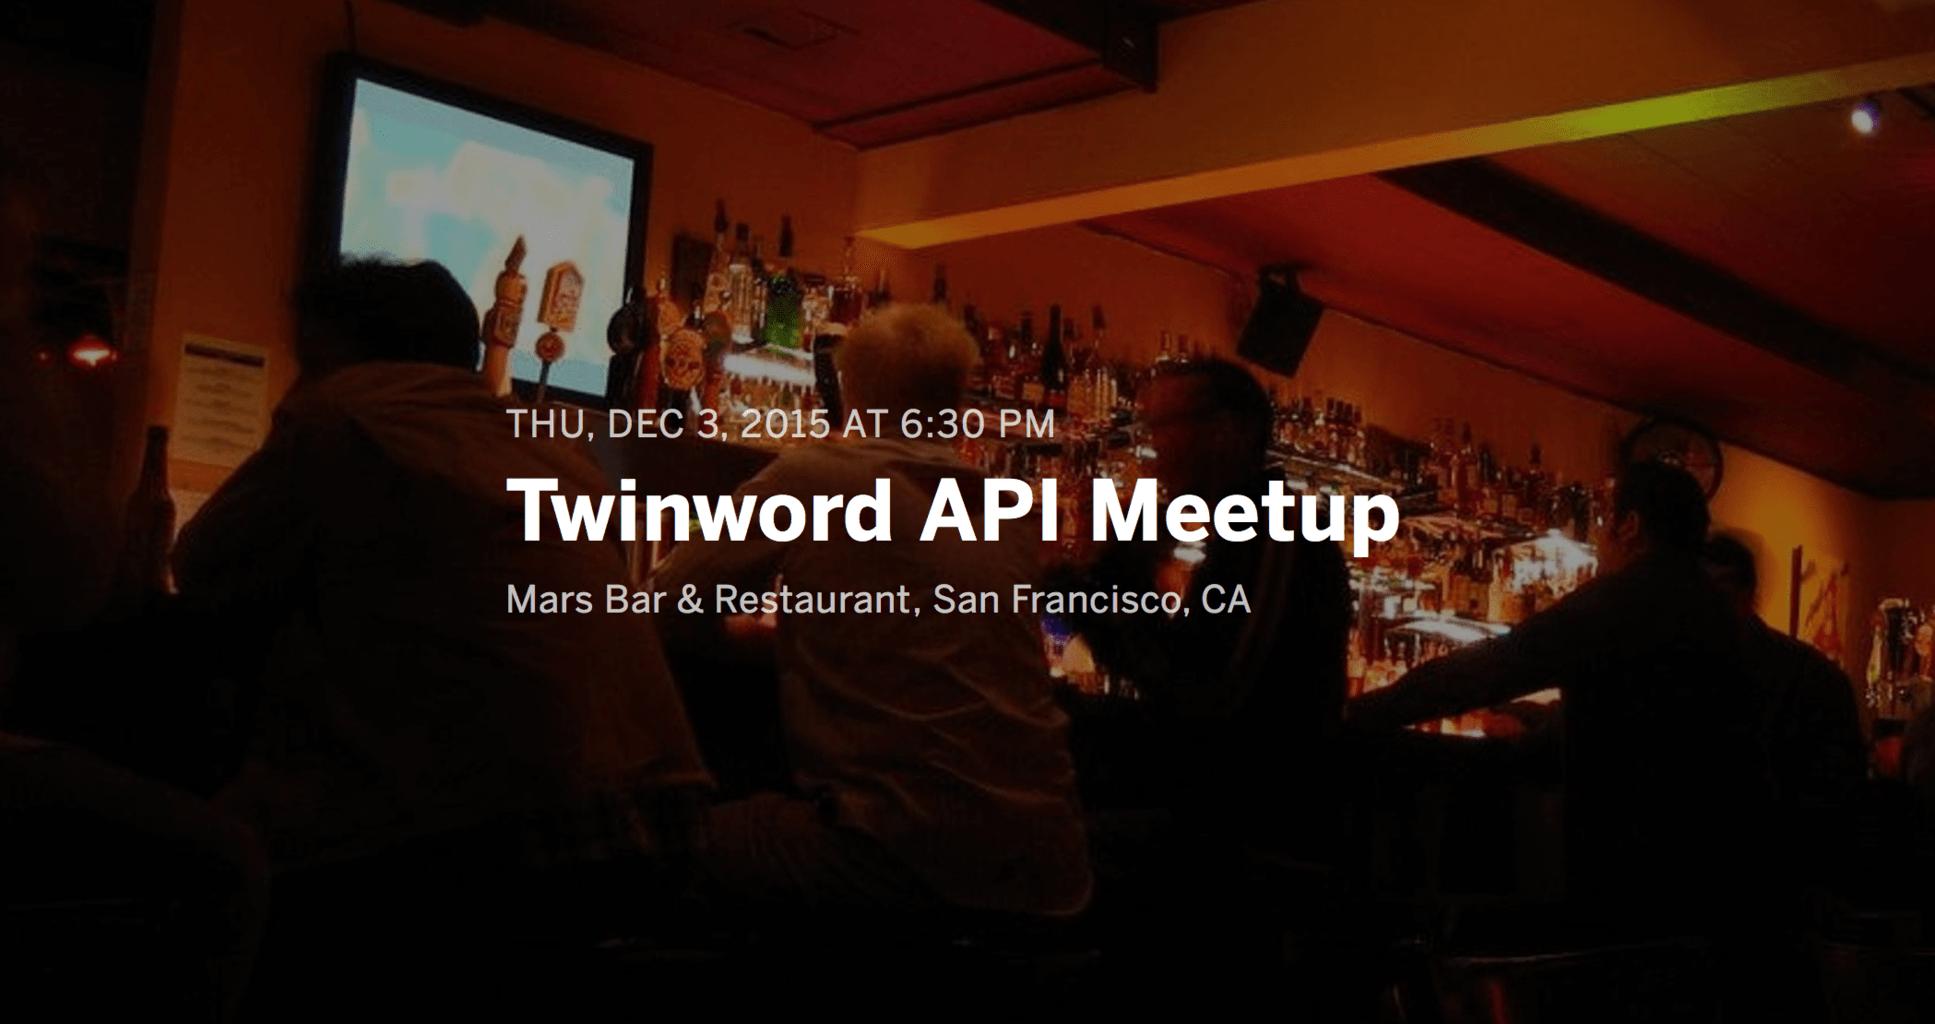 Twinword API 2015 Meetup banner